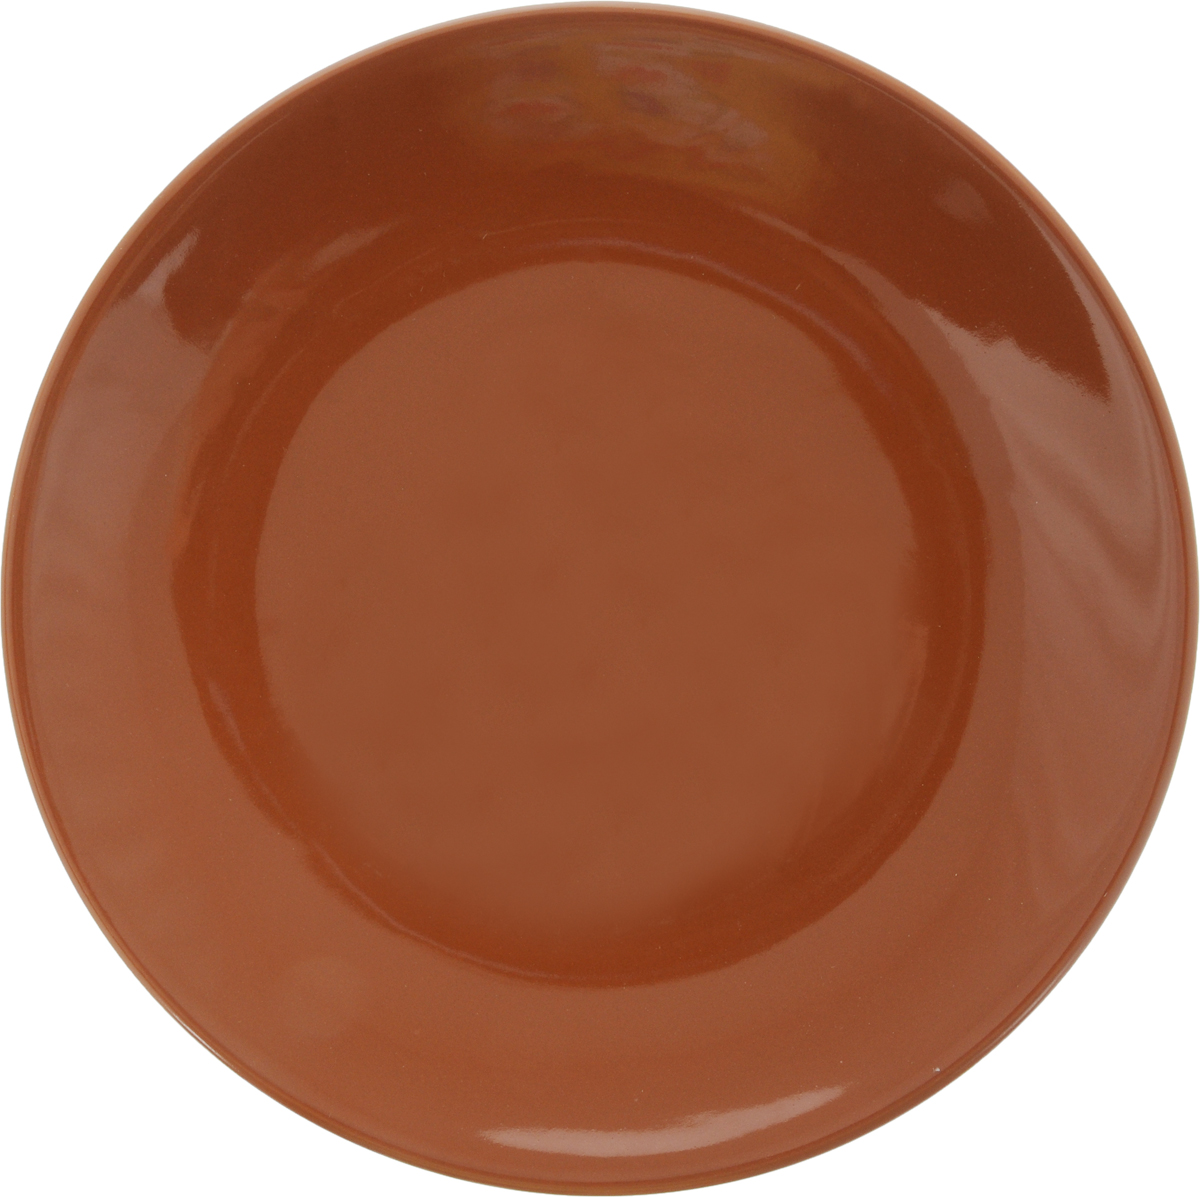 Тарелка десертная Ломоносовская керамика, диаметр 21 см54 009312Десертная тарелка Ломоносовская керамика, изготовленная из высококачественной глины. Такая тарелка прекрасно подходит как для торжественных случаев, так и для повседневного использования. Она идеальна для подачи десертов, пирожных, тортов и многого другого. Она прекрасно оформит стол и станет отличным дополнением к вашей коллекции кухонной посуды. Диаметр тарелки (по верхнему краю): 21 см. Высота тарелки: 2,5 см.